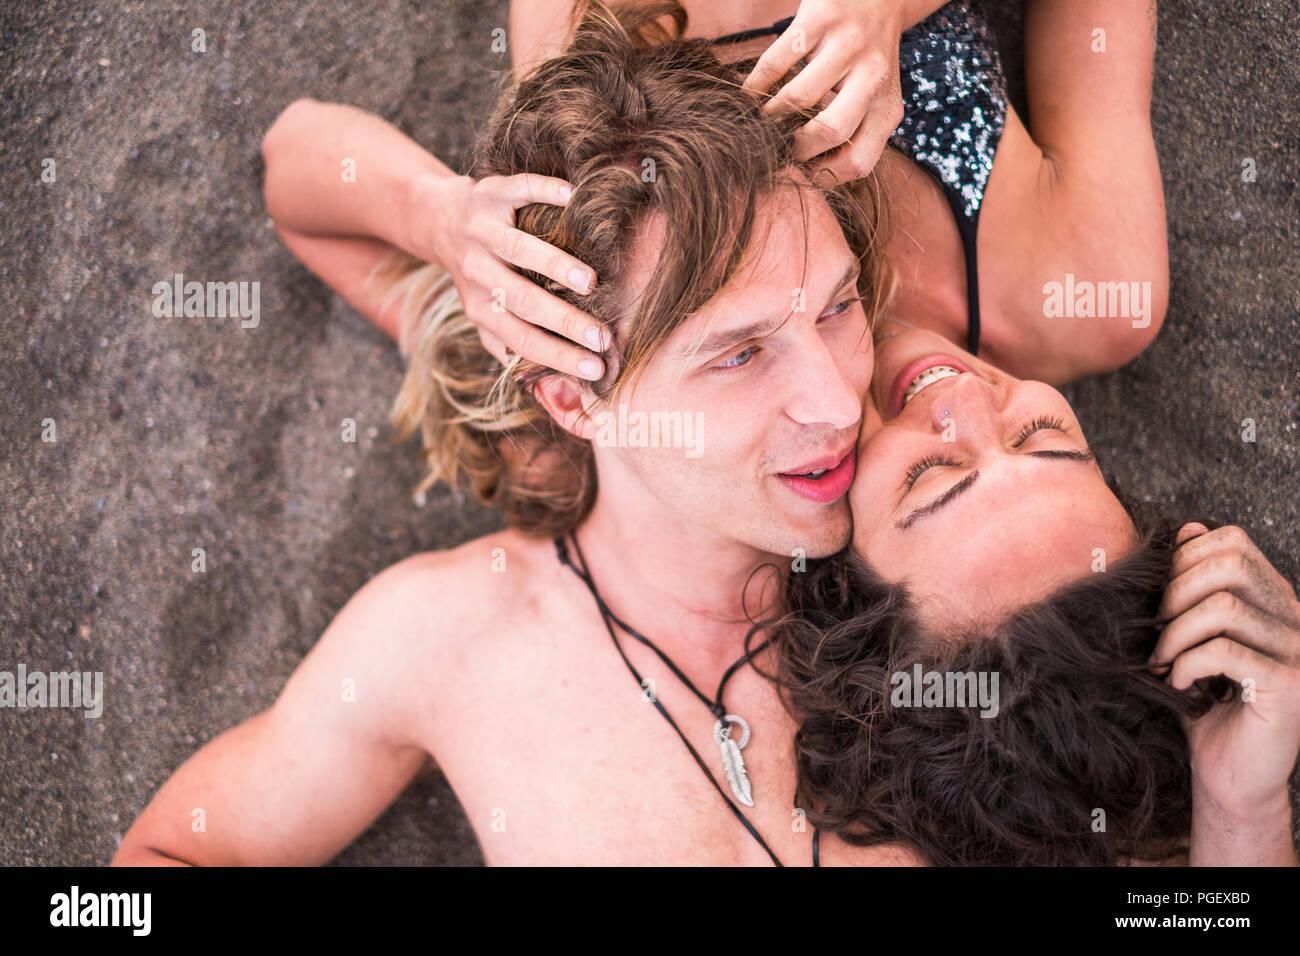 Pareja atractiva de alegre gente real sentar en la playa en ternura y amor. bikini y la actividad de ocio de estilo de verano para hombre y mujer Imagen De Stock